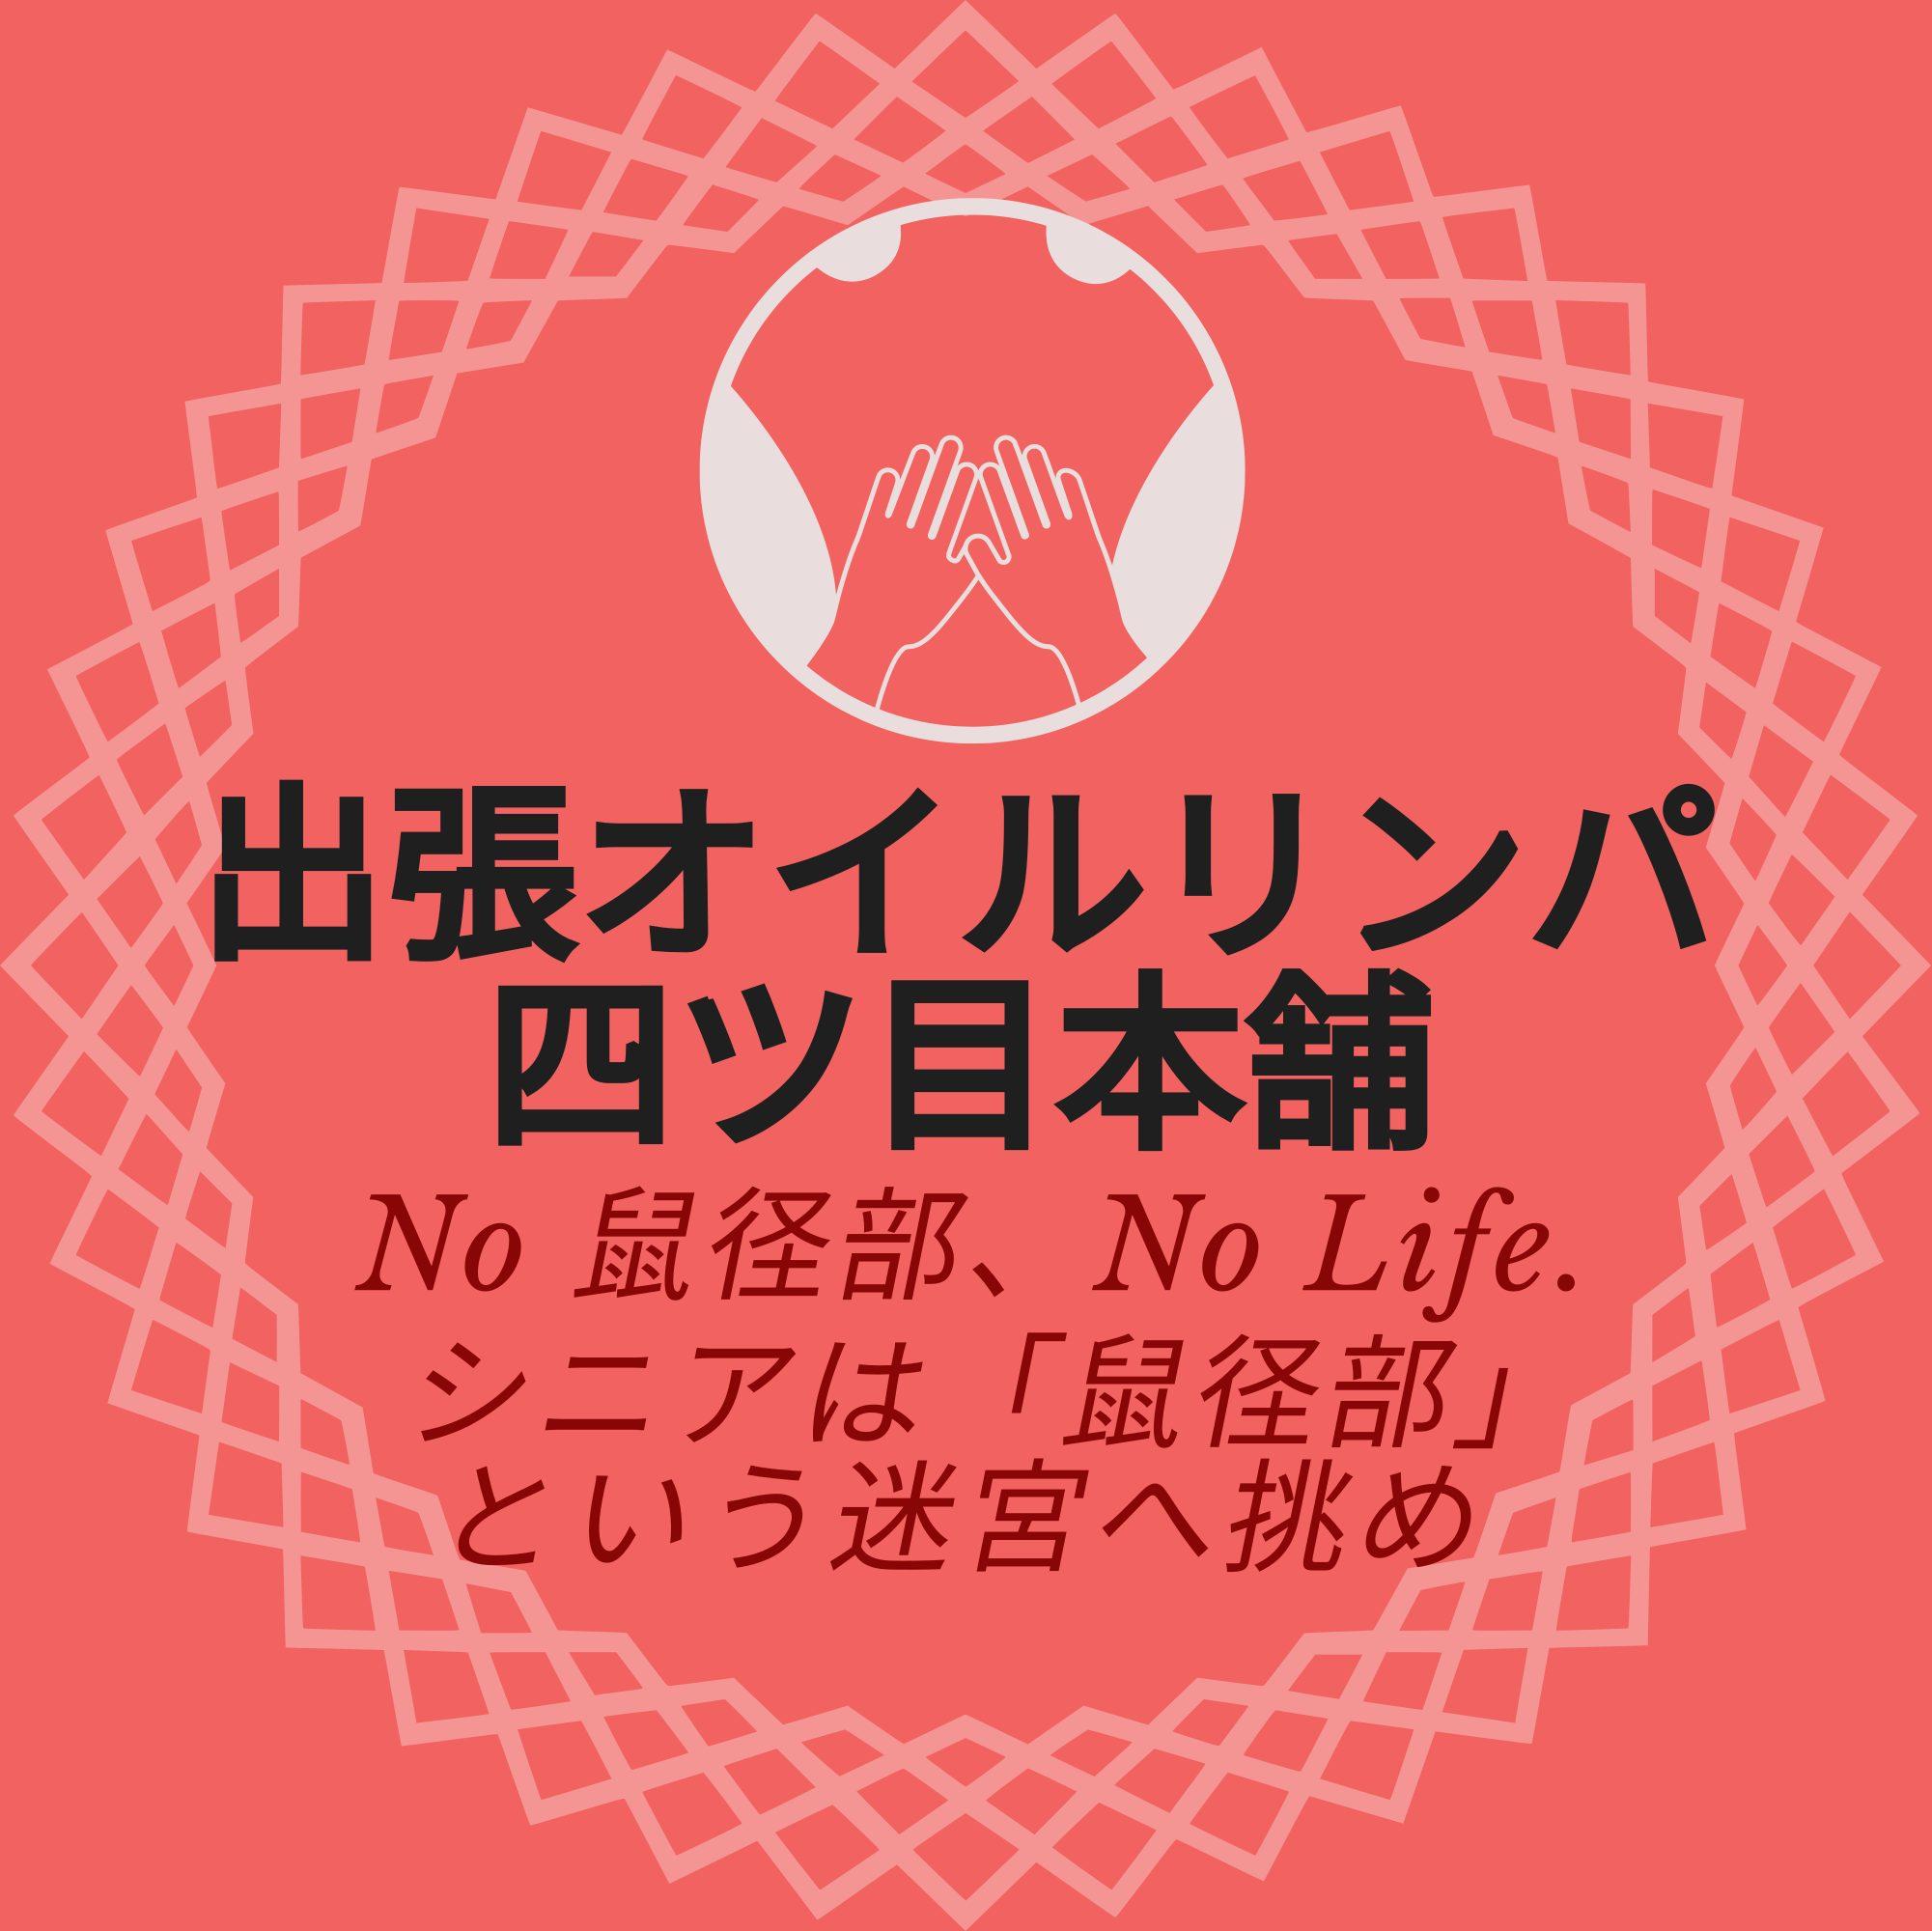 出張オイルリンパマッサージ・出張メンズエステの四ツ目本舗。NO SOKEIBU, NO LIFE.